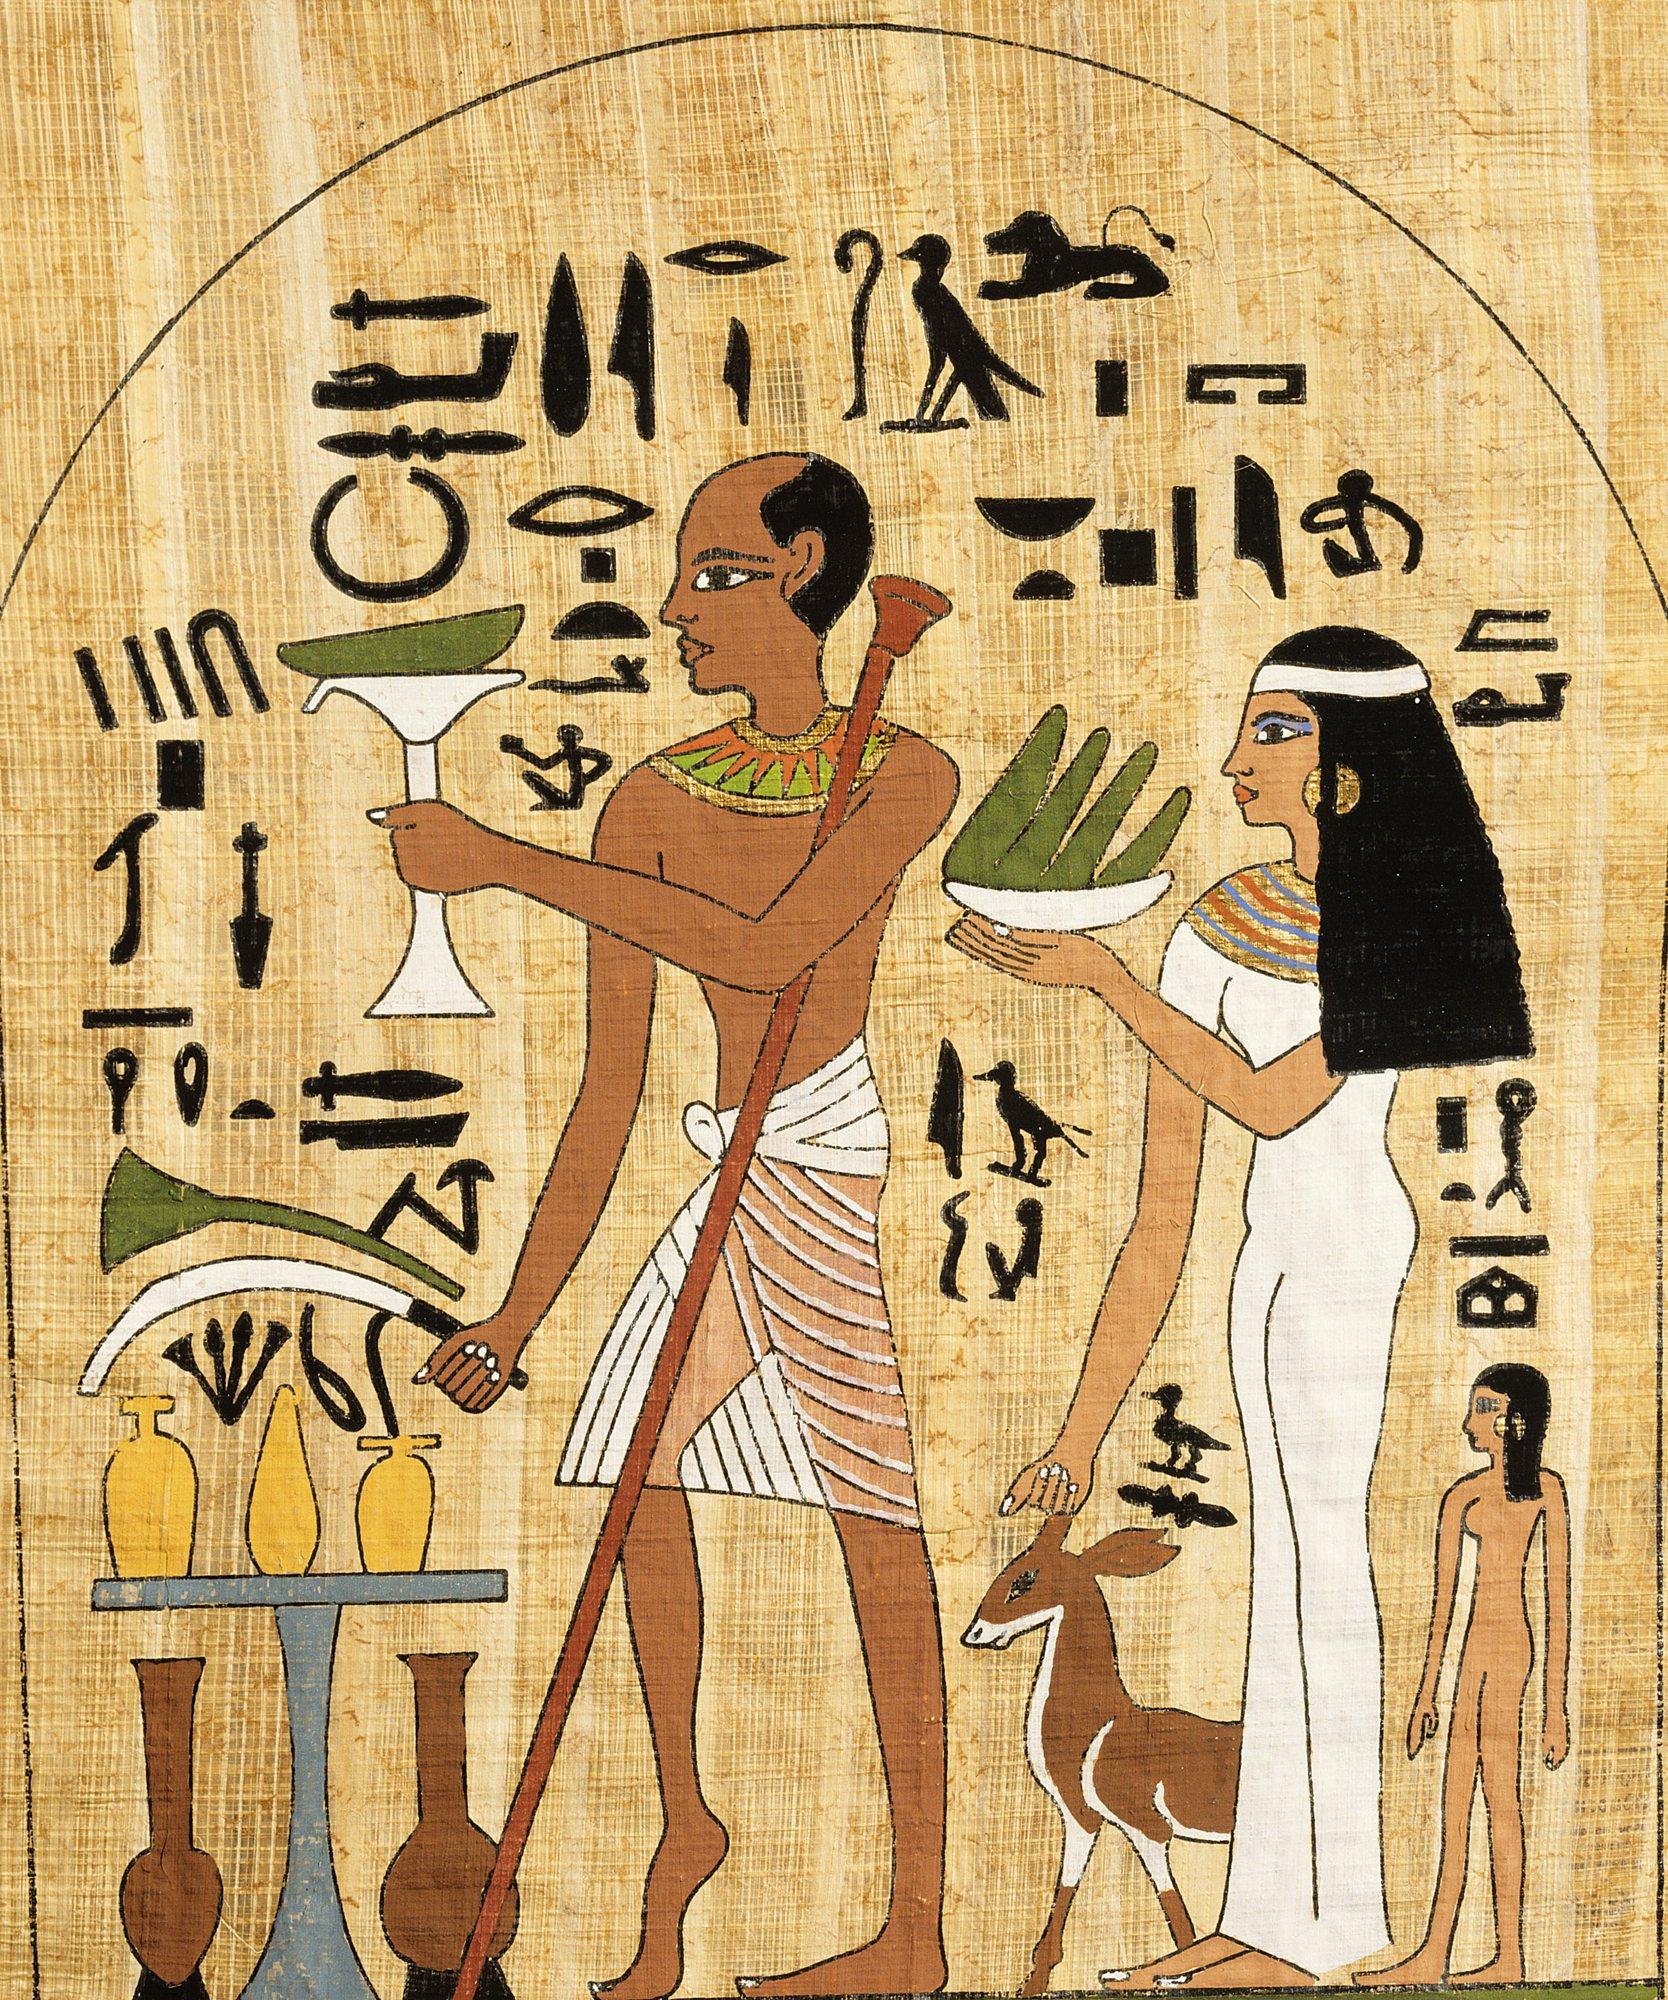 La medicina en Egipto, así curaban enfermedades en el